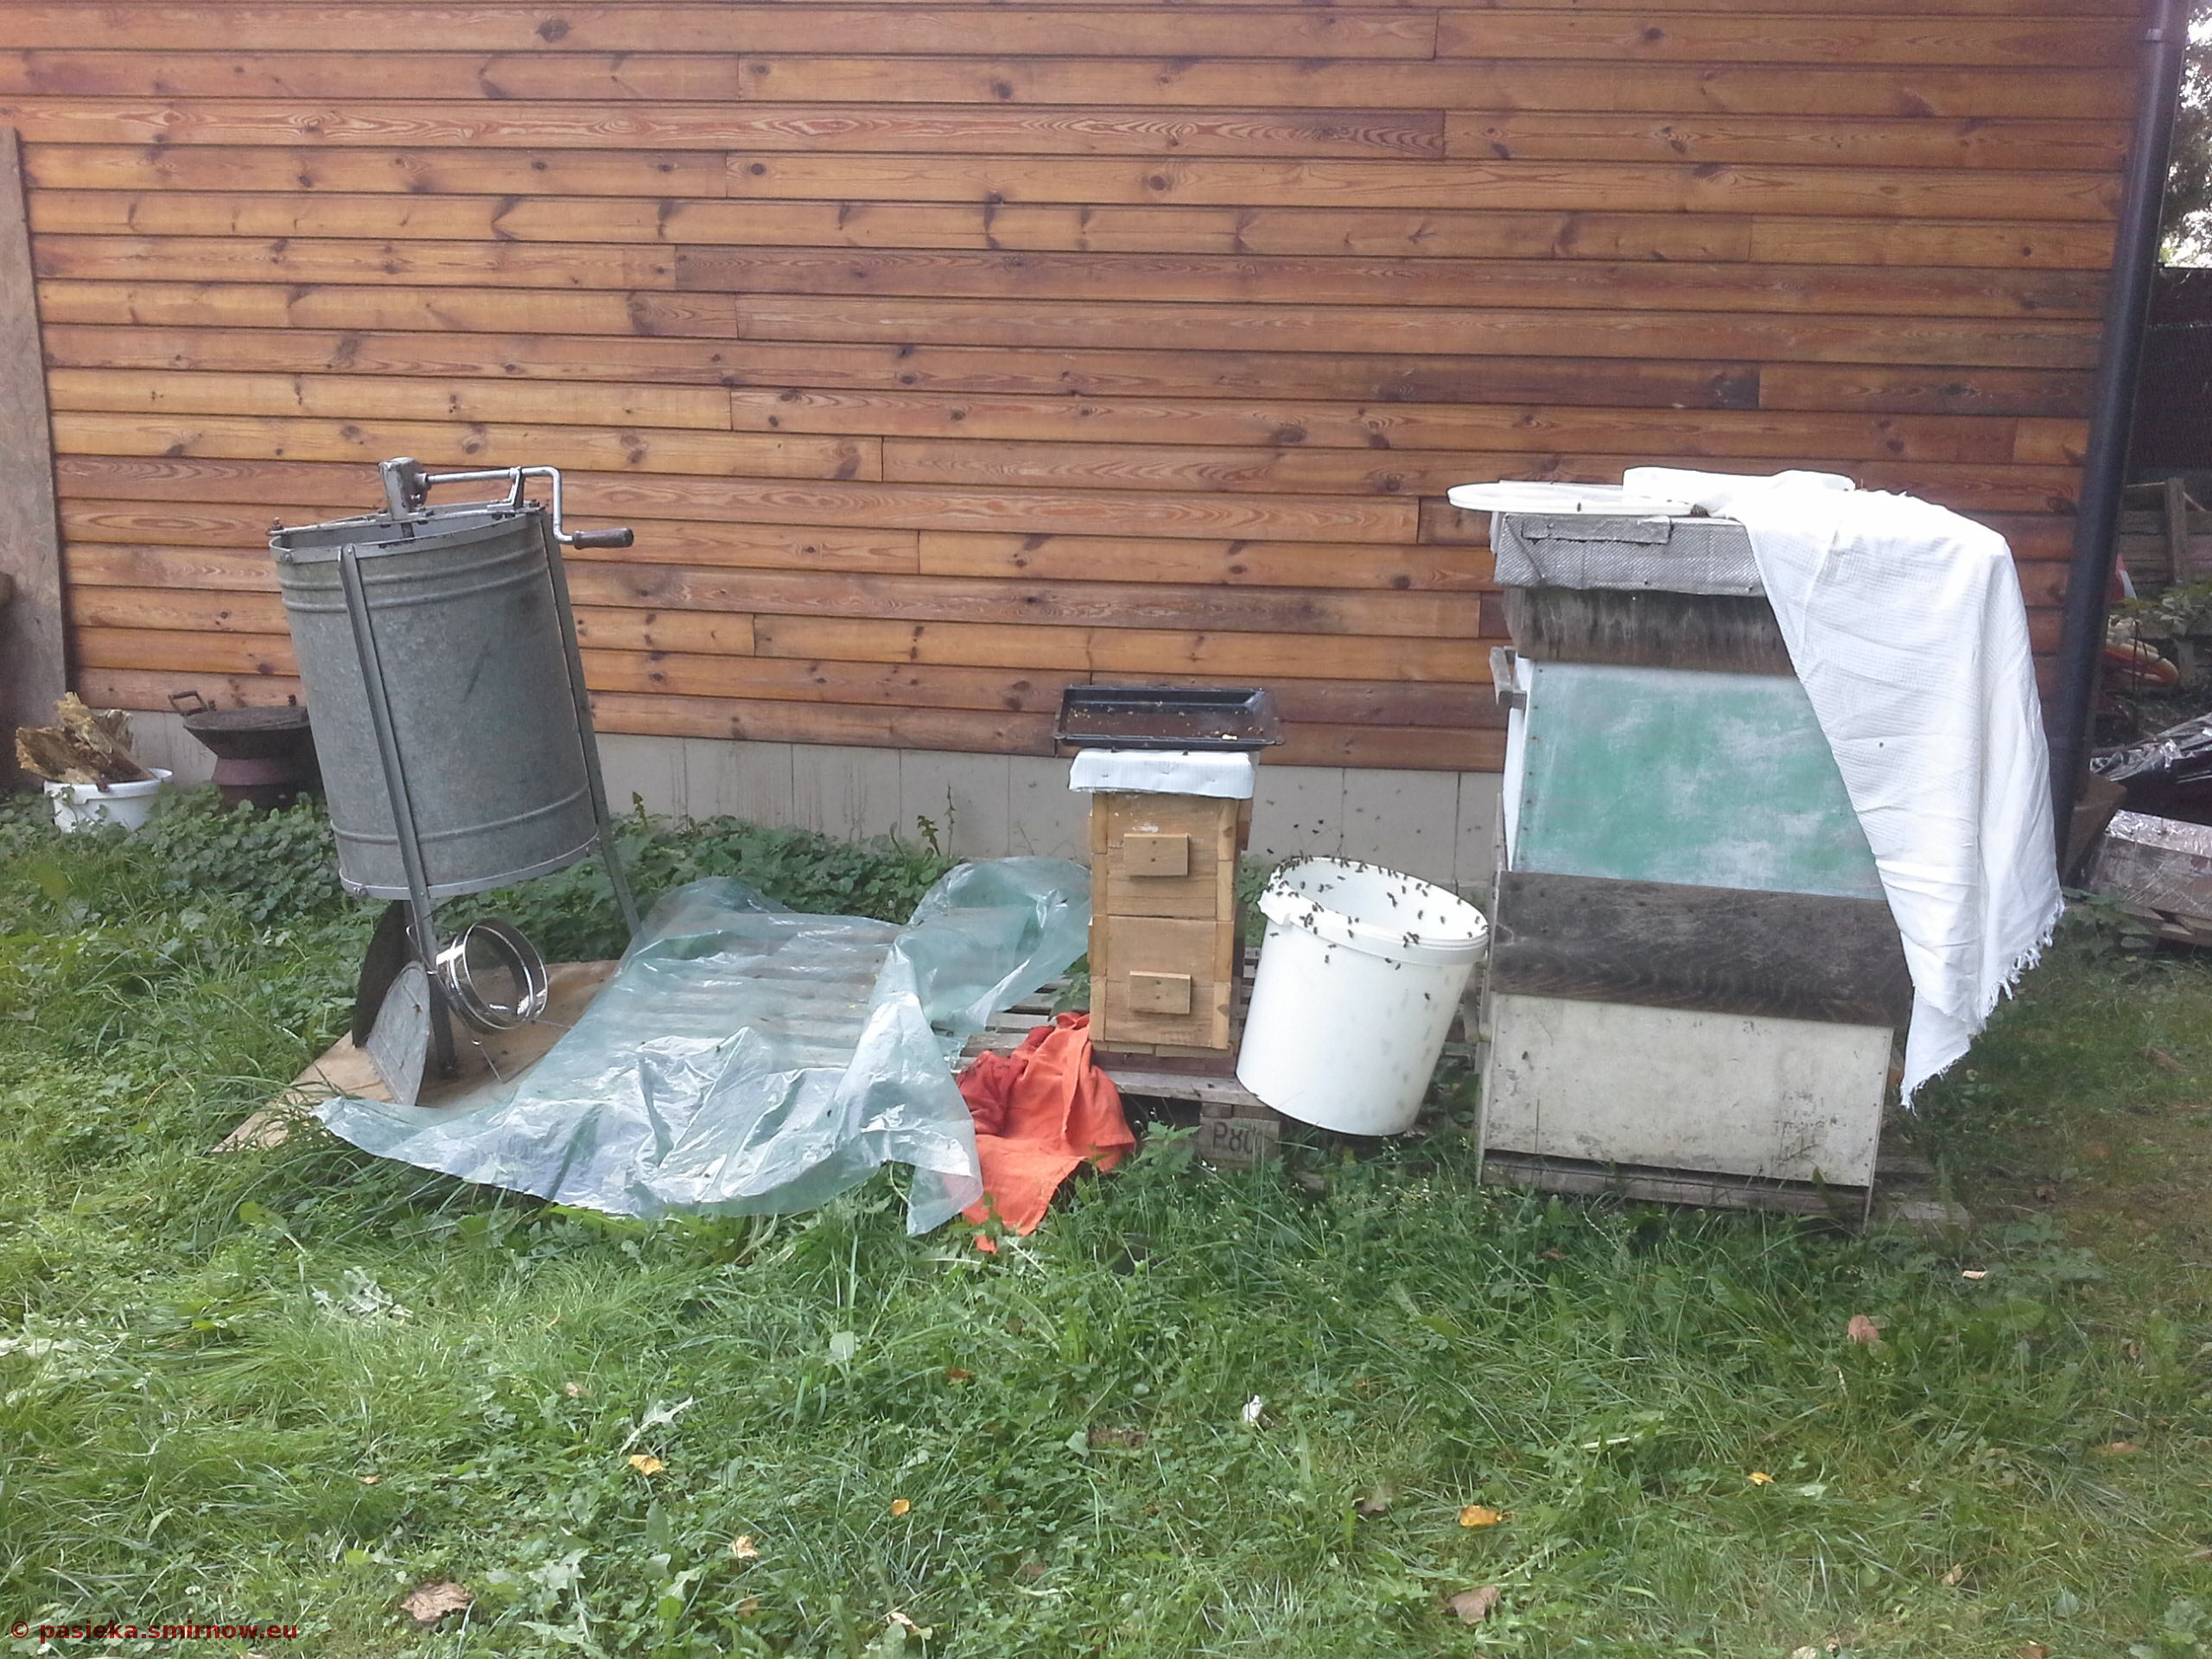 Cudze pszczoły na pożytku